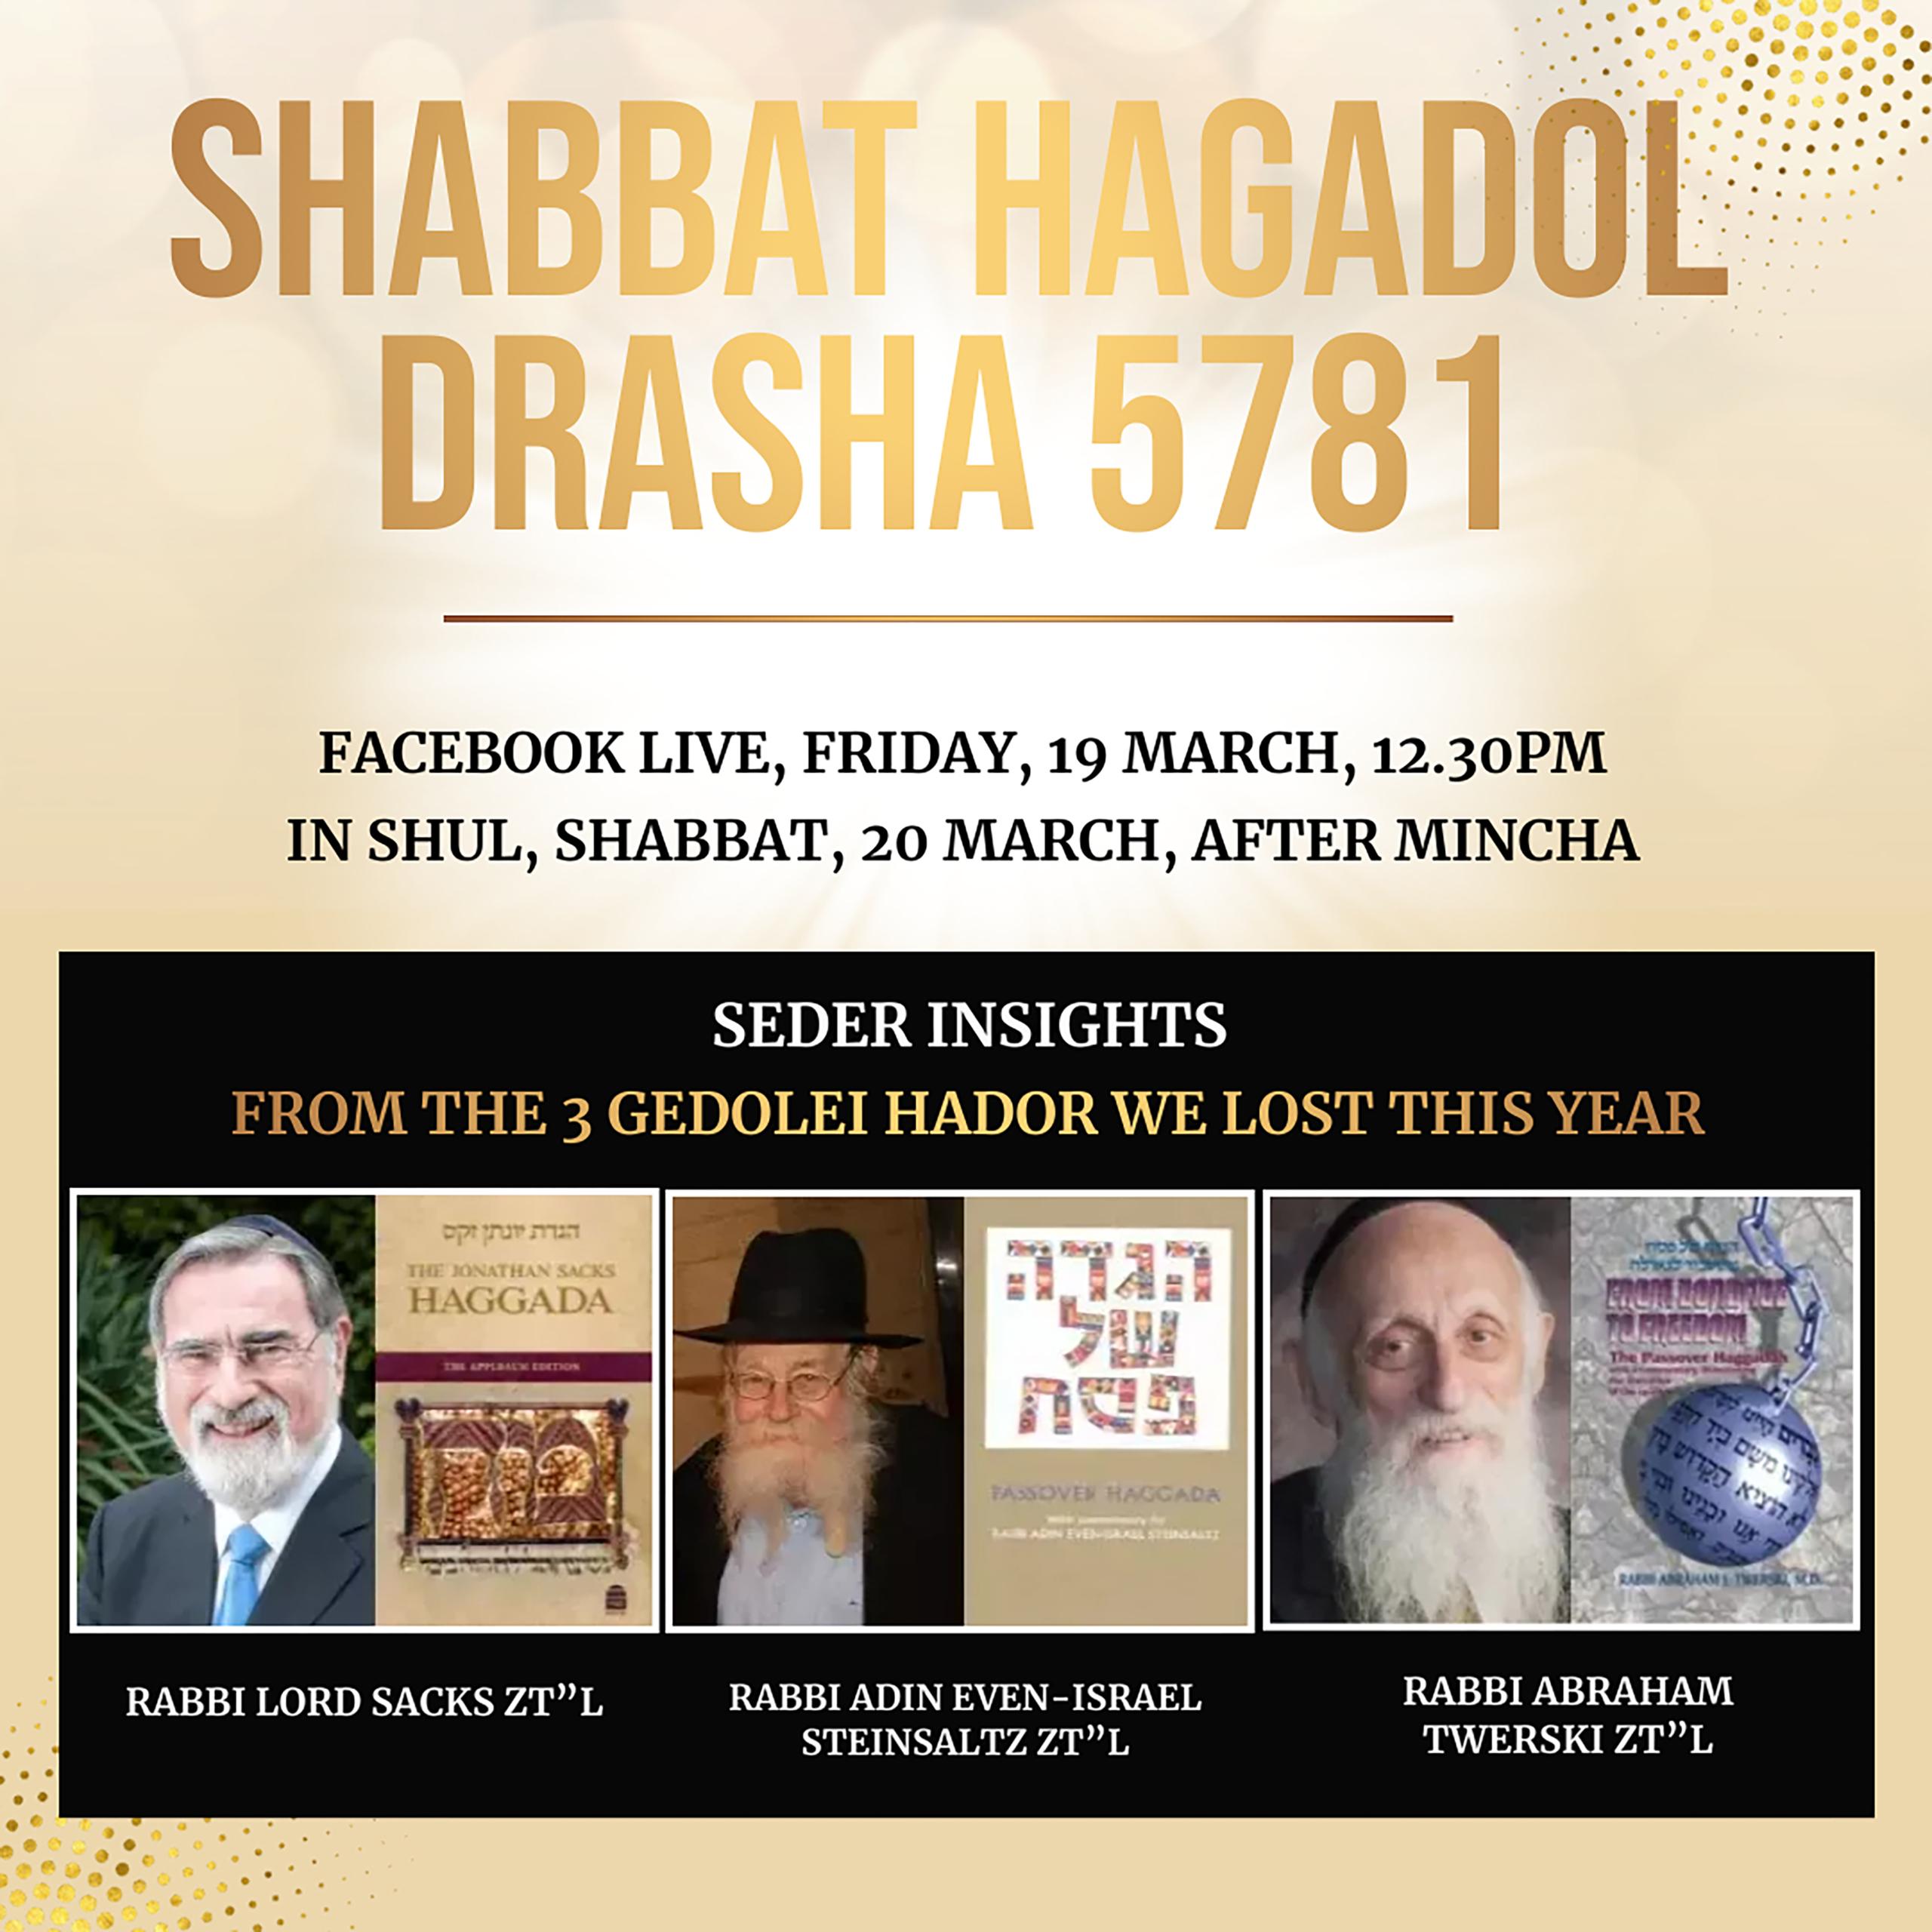 Shabbat HaGadol Drasha @ Facebook Live